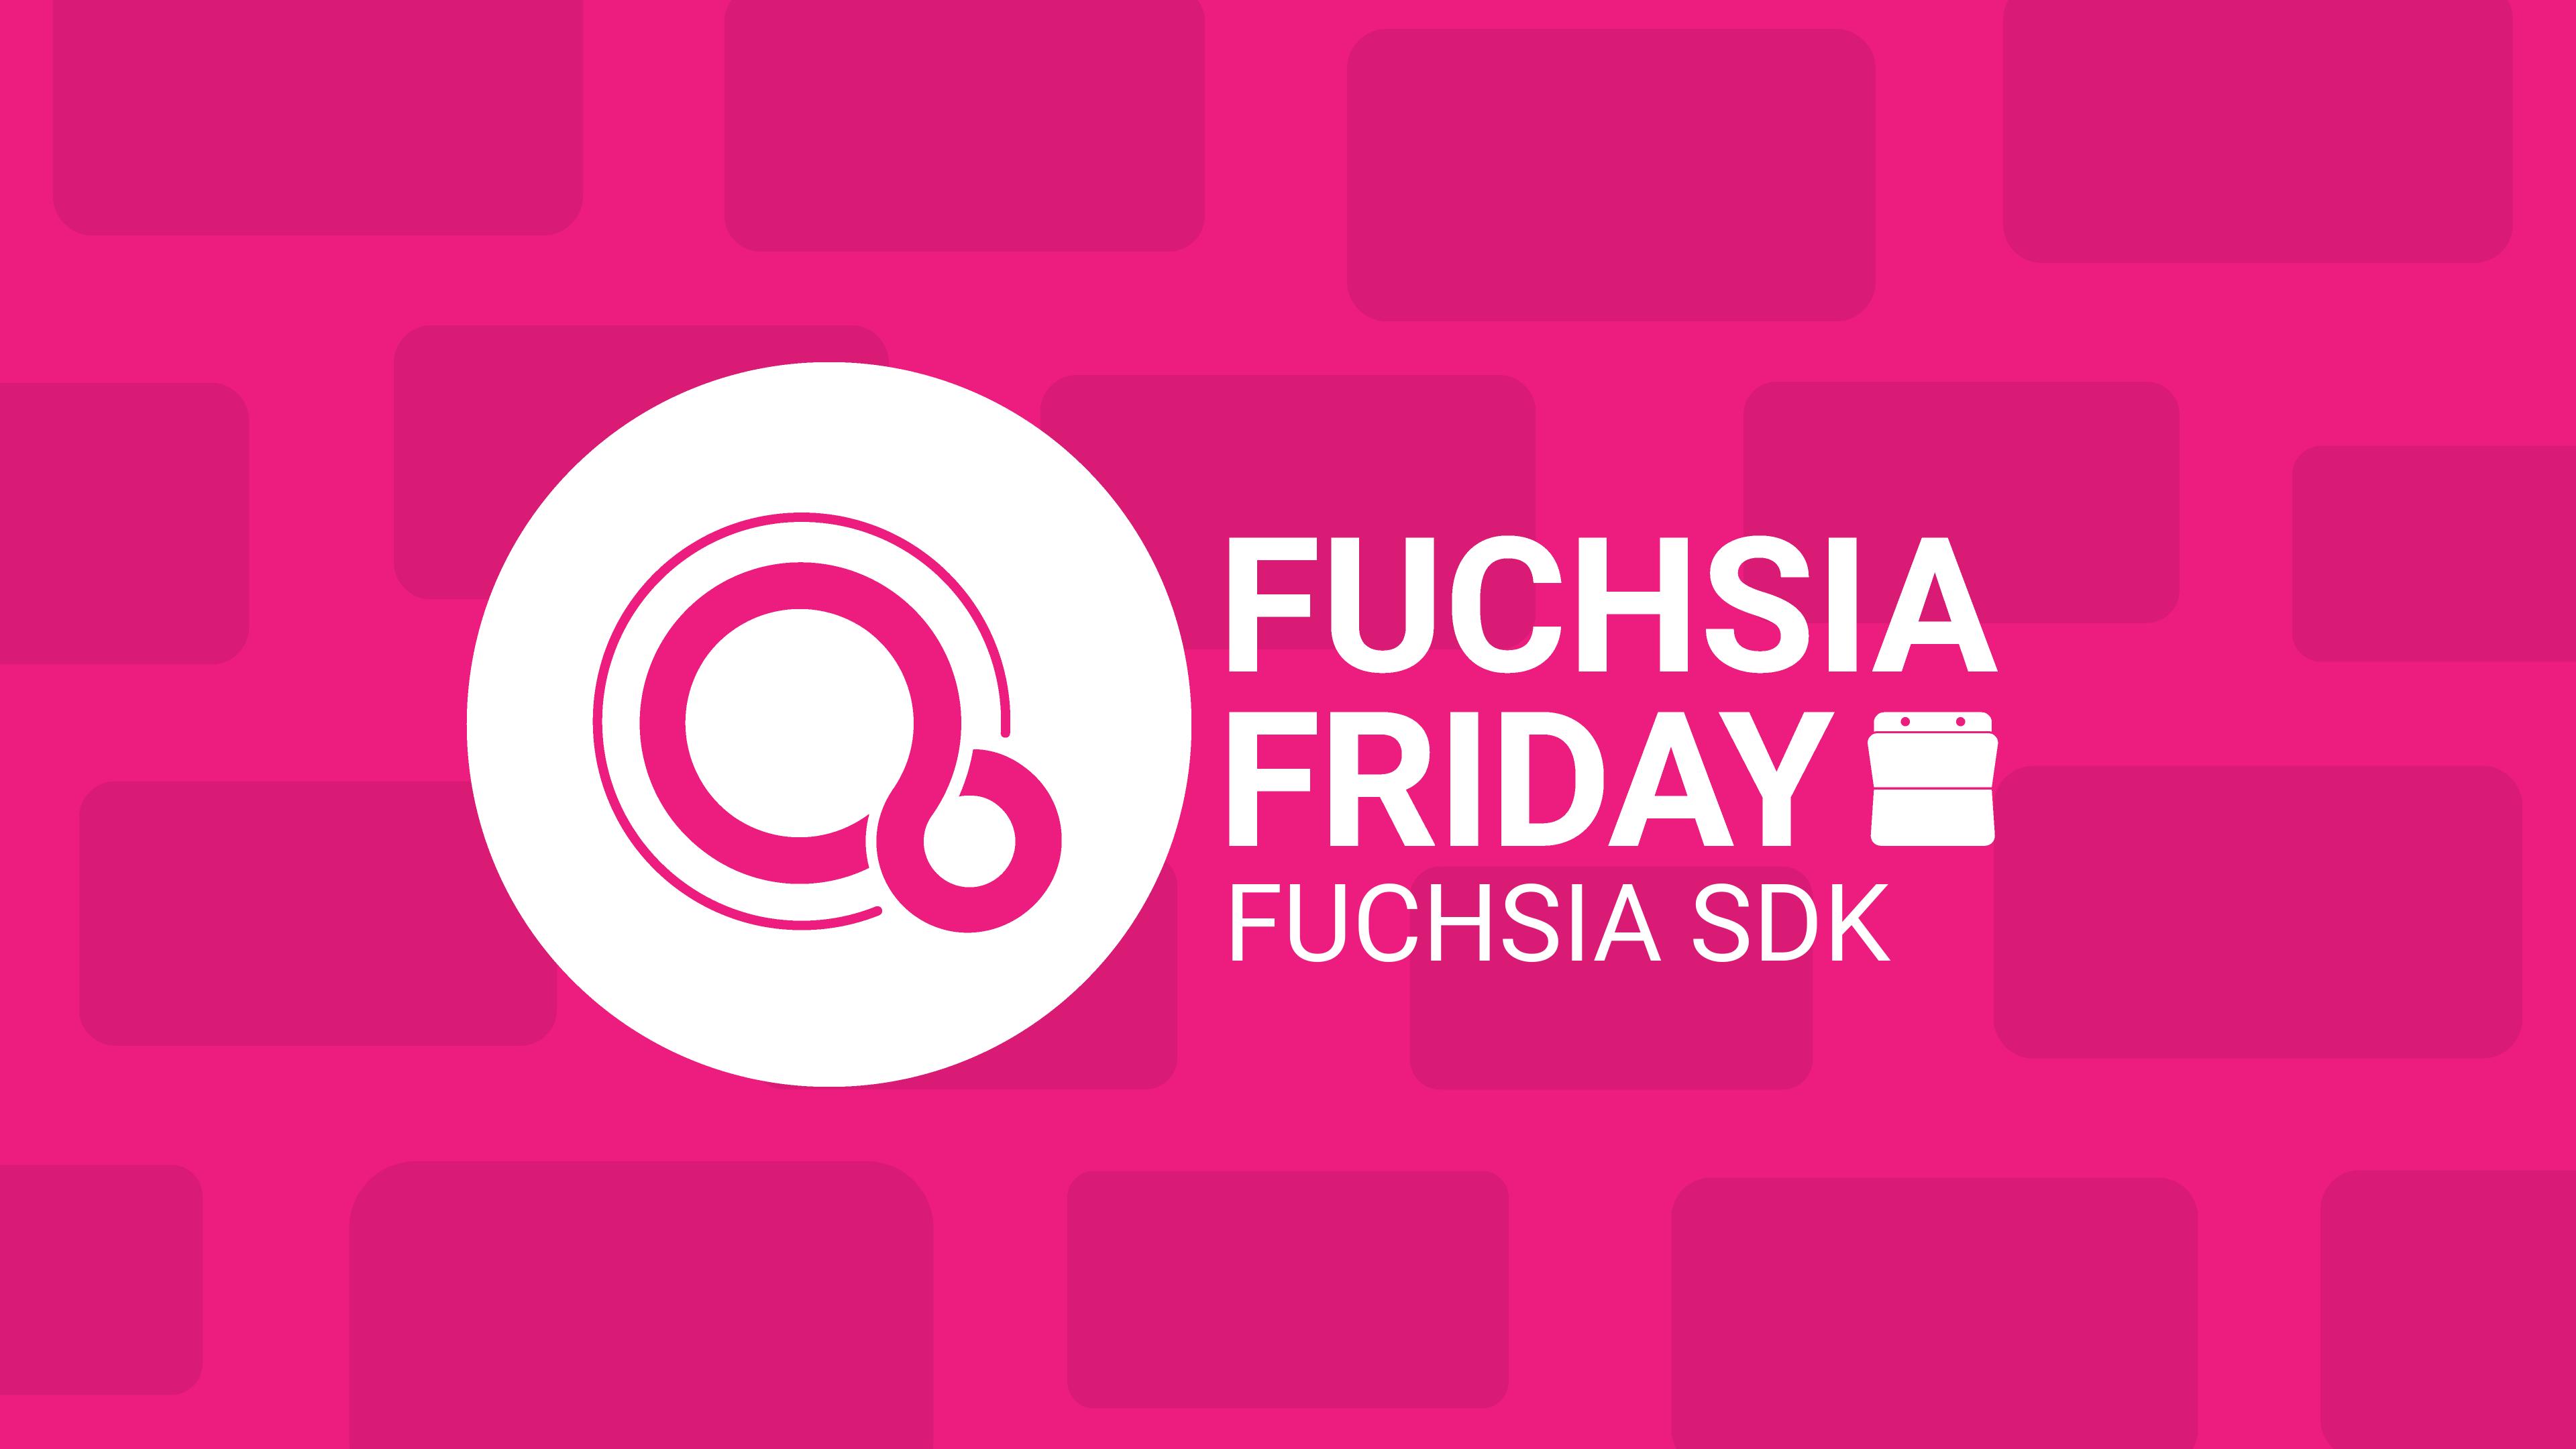 Fuchsia Friday: Ein erster Blick auf das Fuchsia SDK, das Sie hier herunterladen können